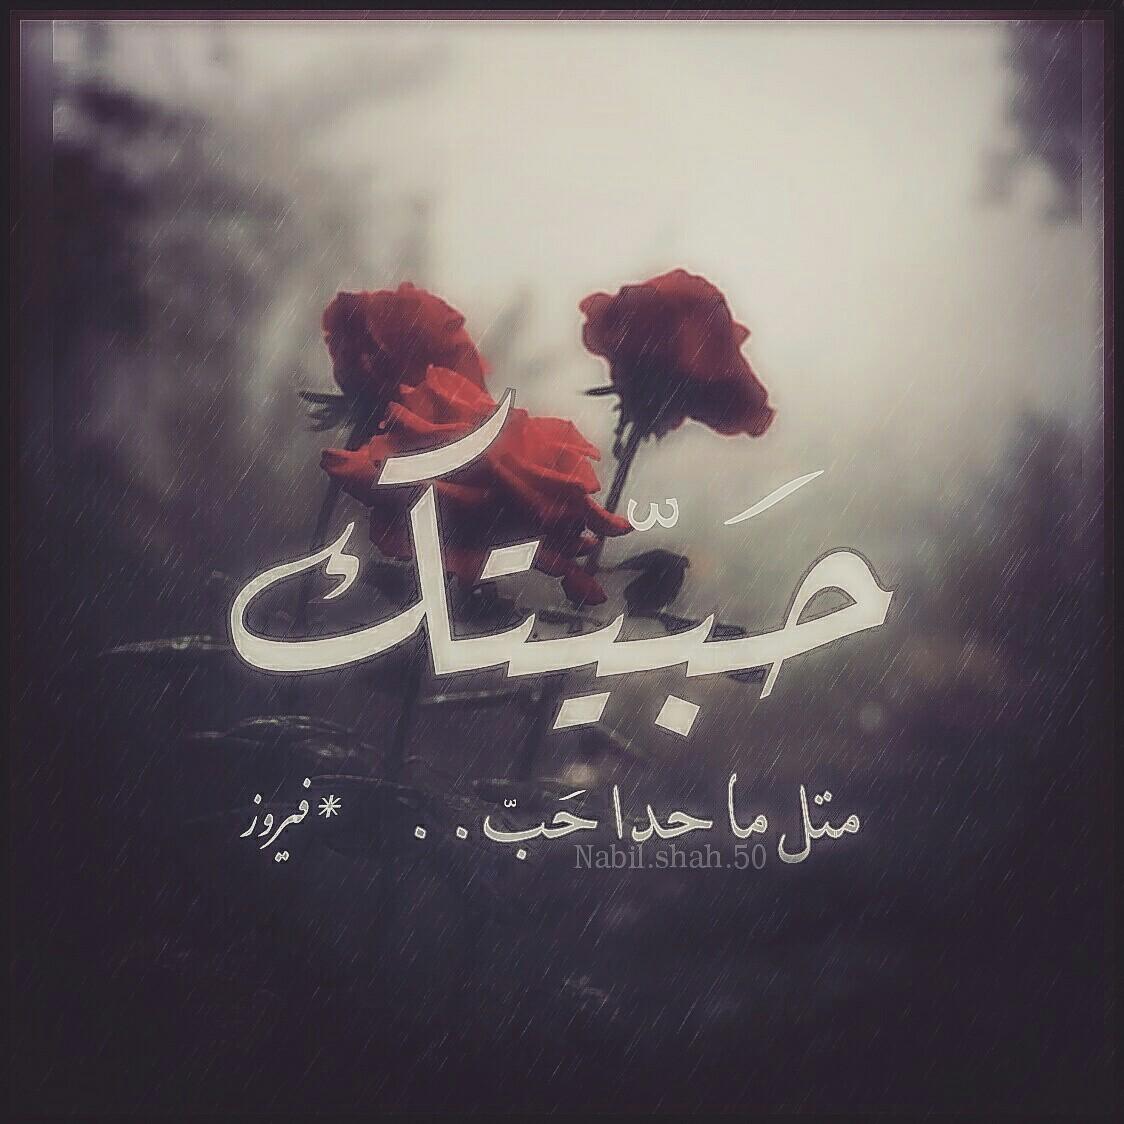 بالصور كلمات عن الحب , اجمل كلام فى الحب 5385 4